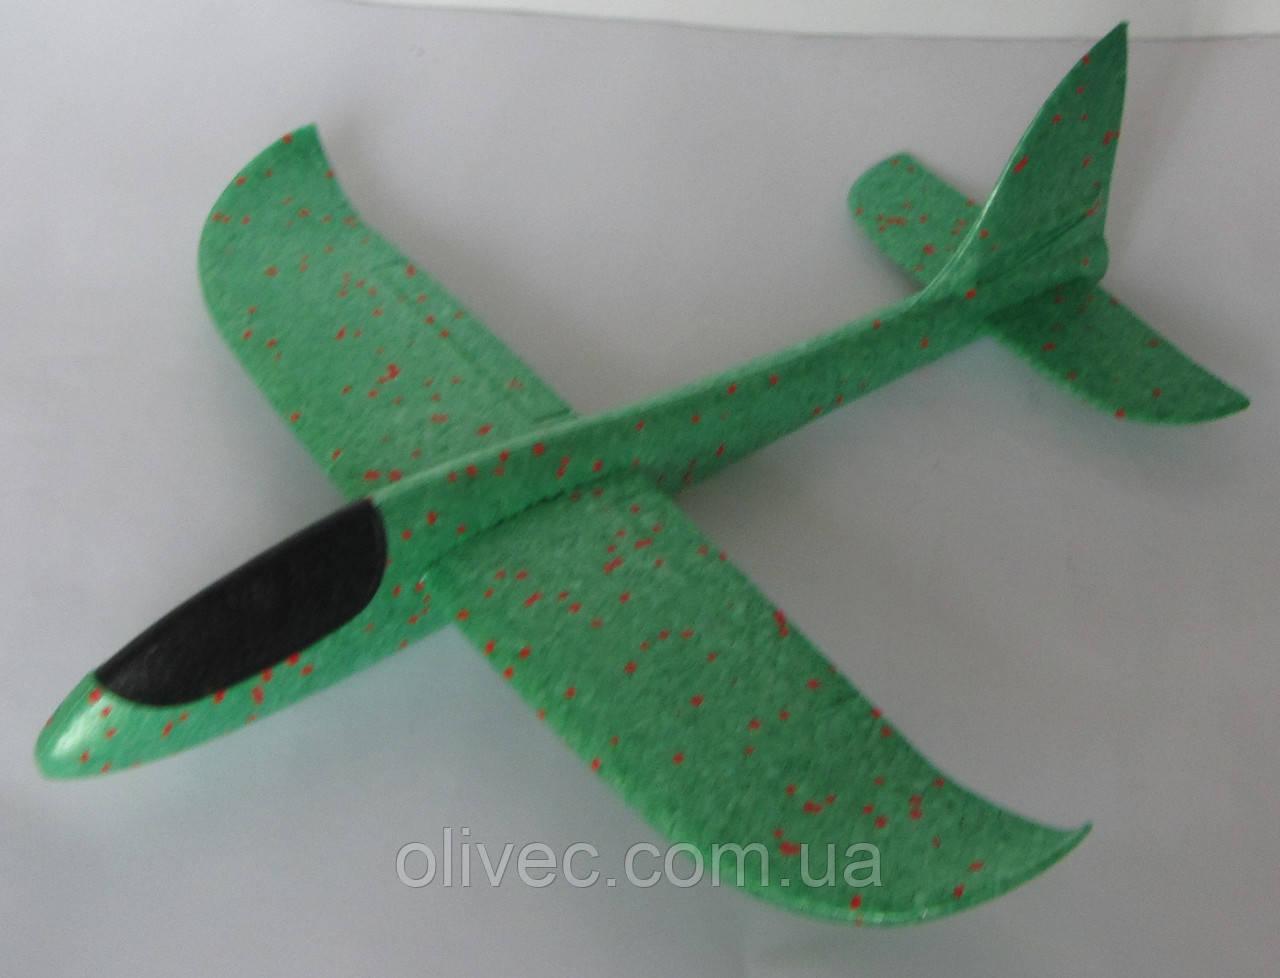 Пенопластовый самолет зеленый